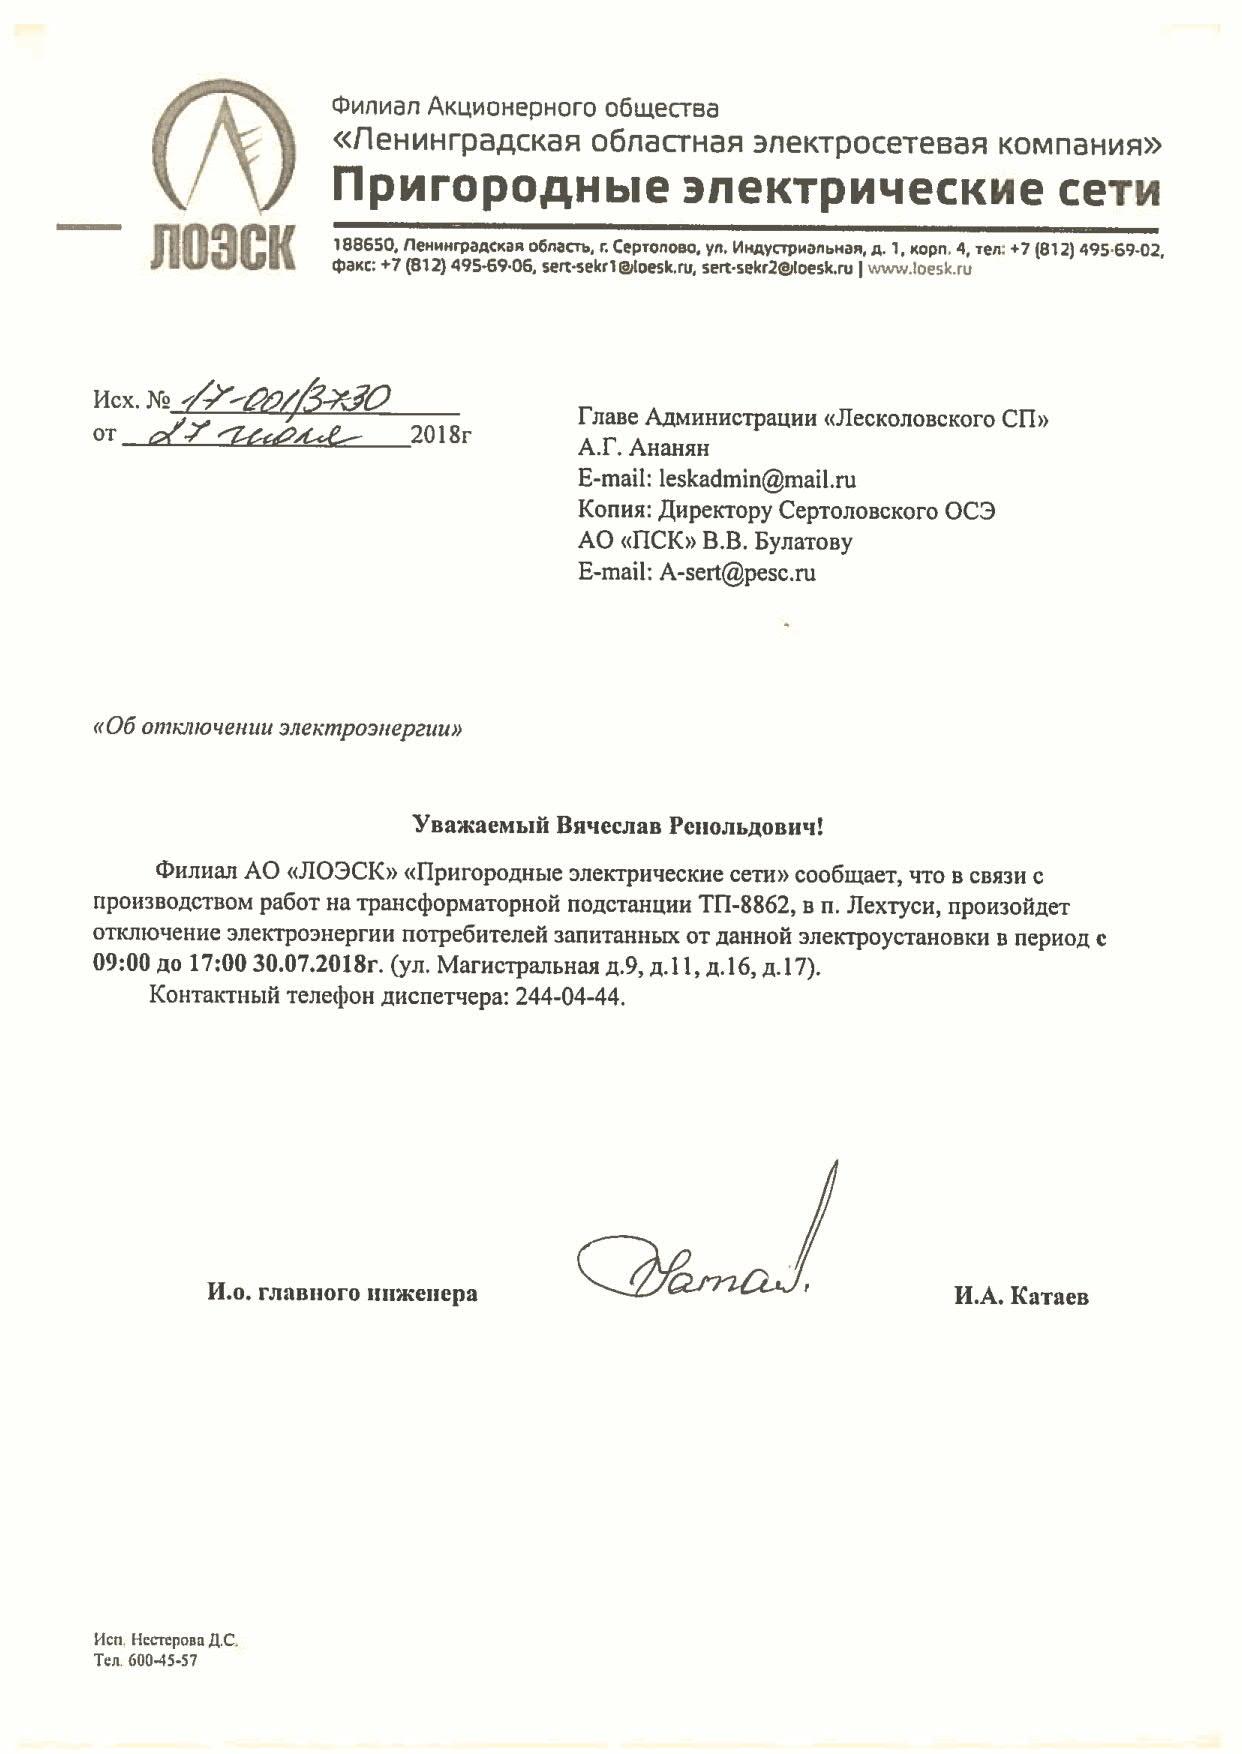 Отключение электроэнергии ТП-8862 п. Лехтуси_1